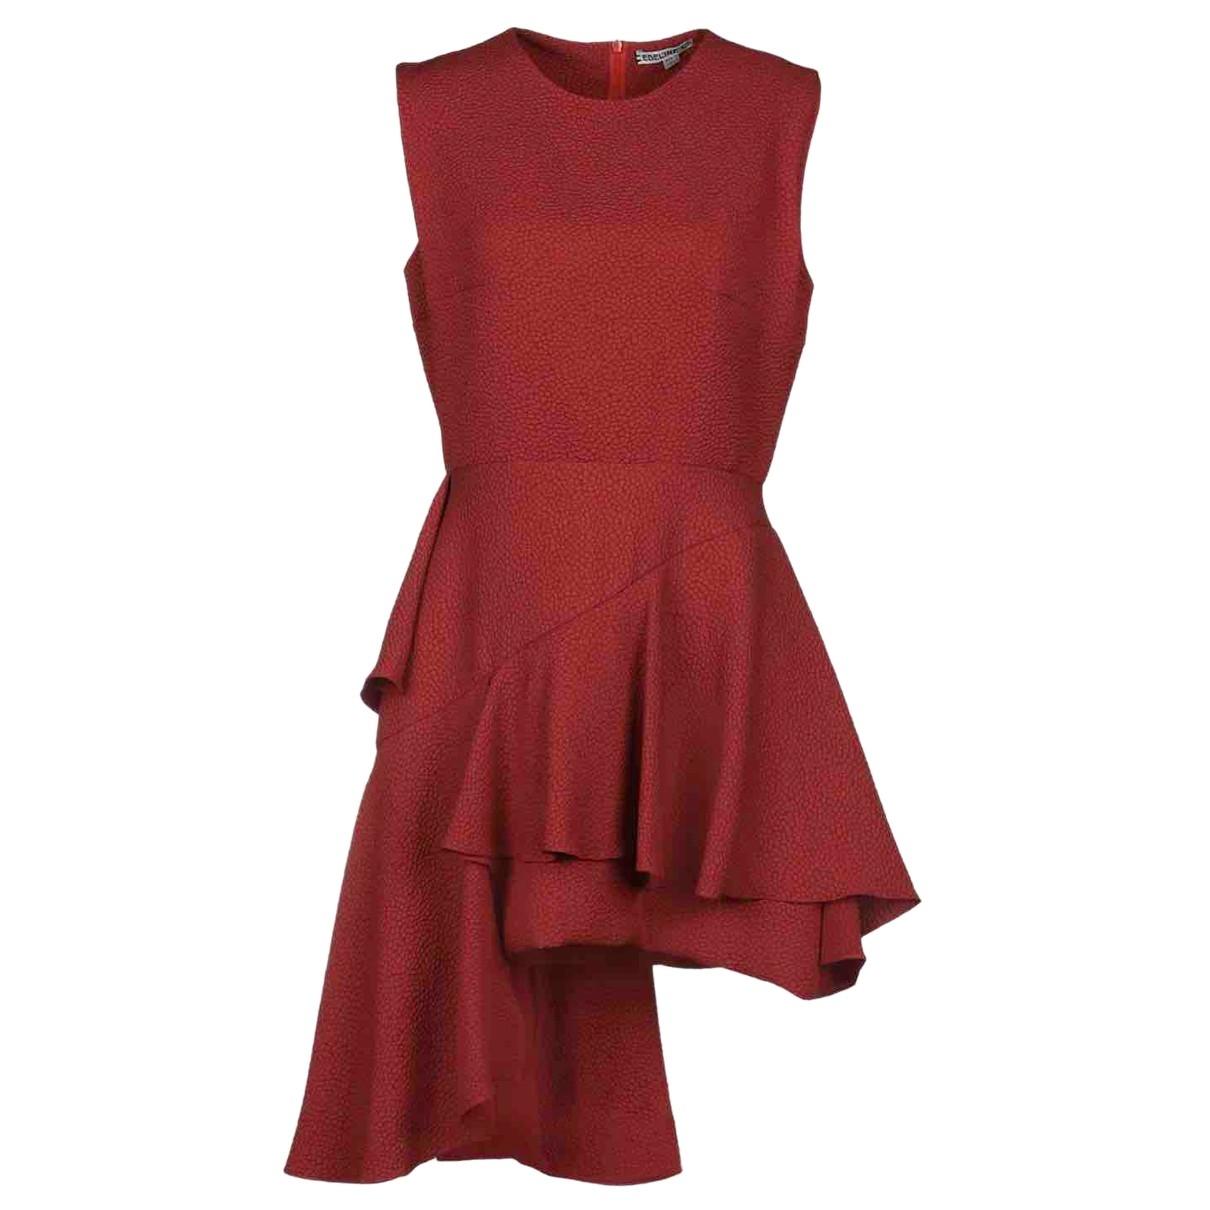 Edeline Lee \N Kleid in  Rot Polyester